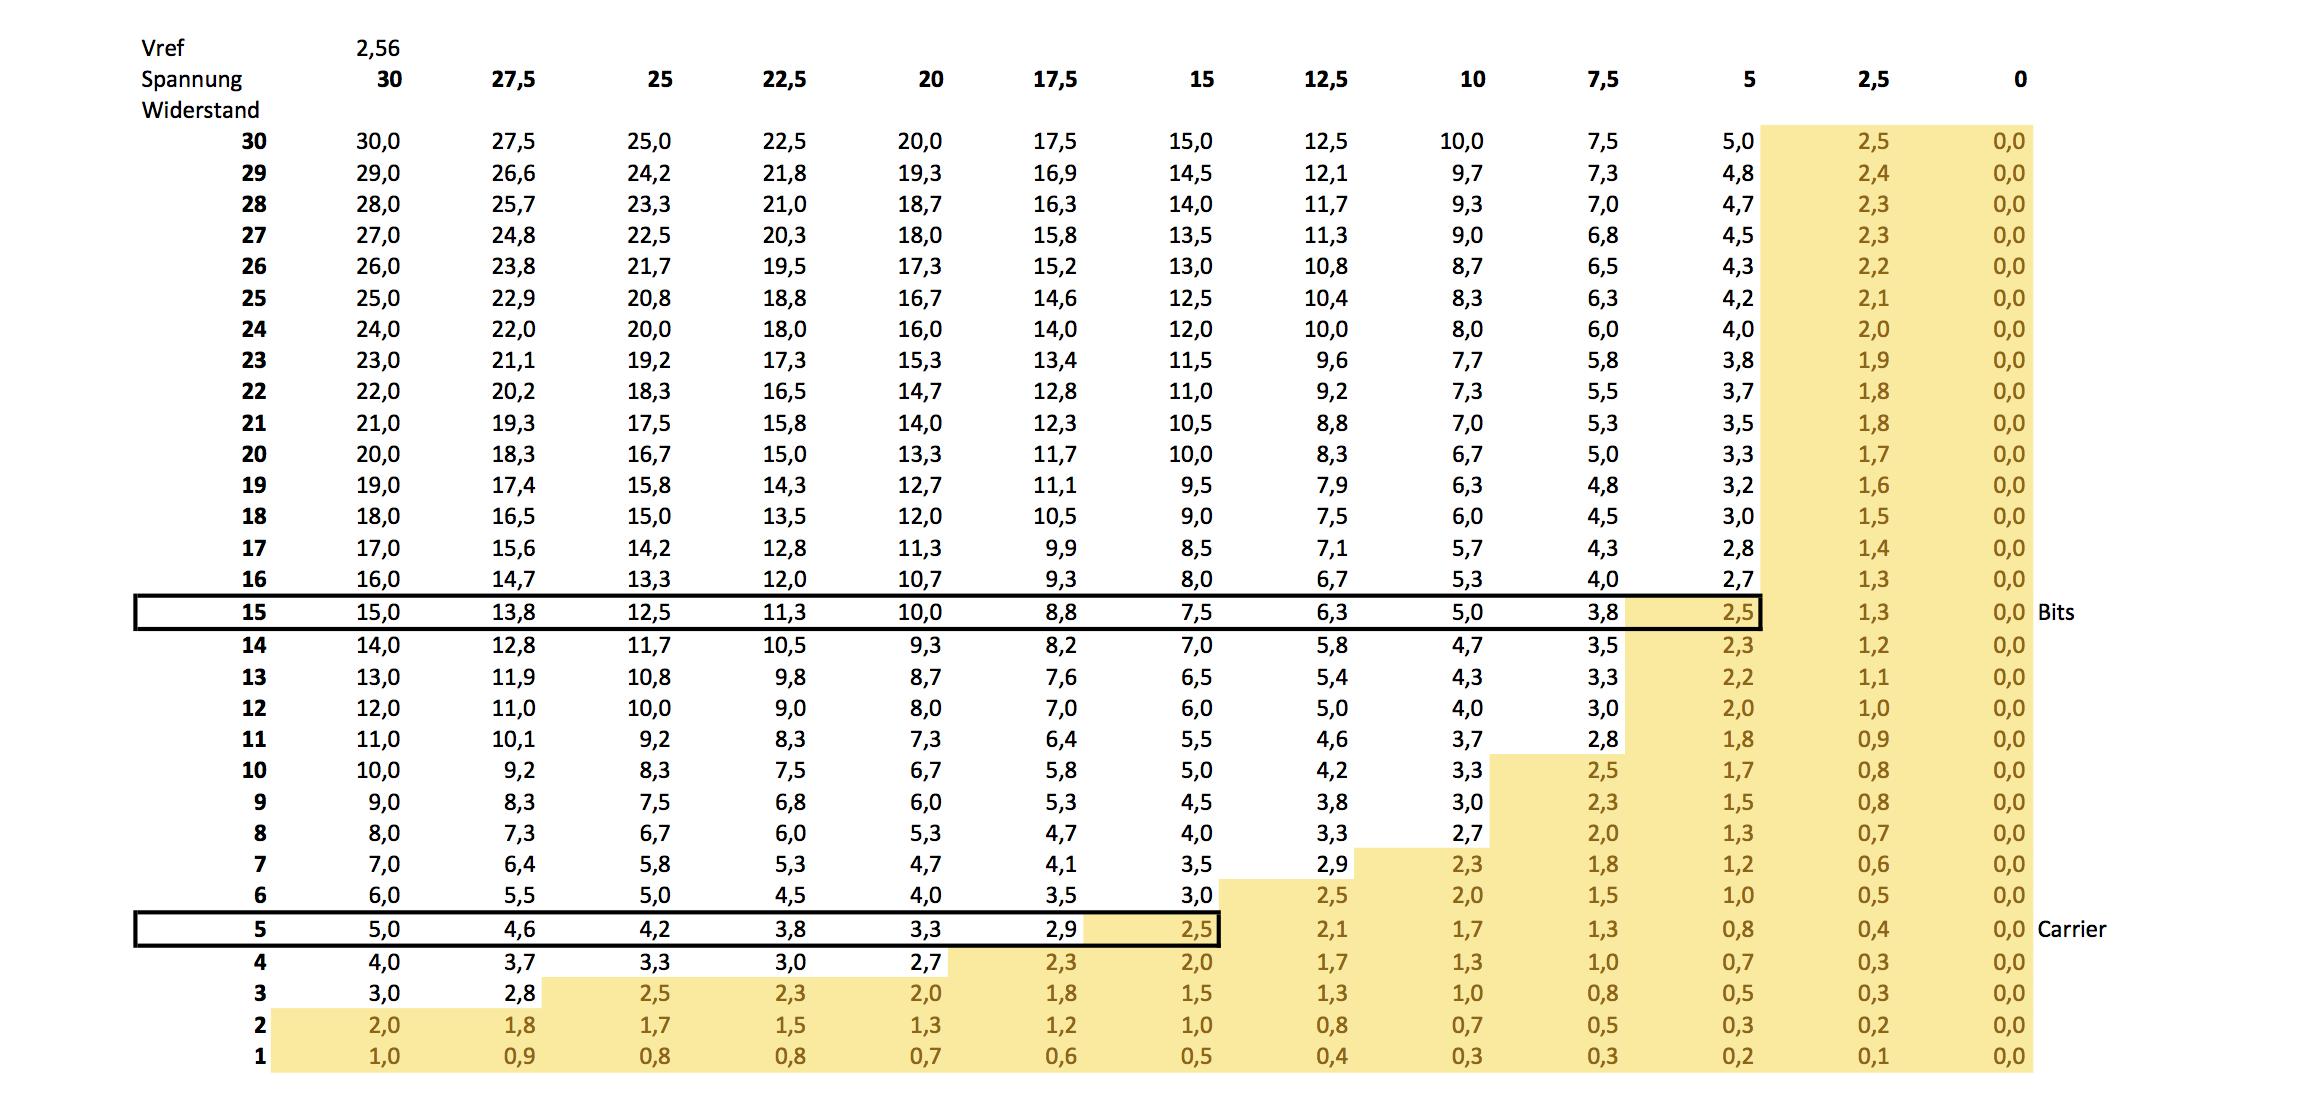 Ziemlich Ethernet Schaltschema Zeitgenössisch - Der Schaltplan ...